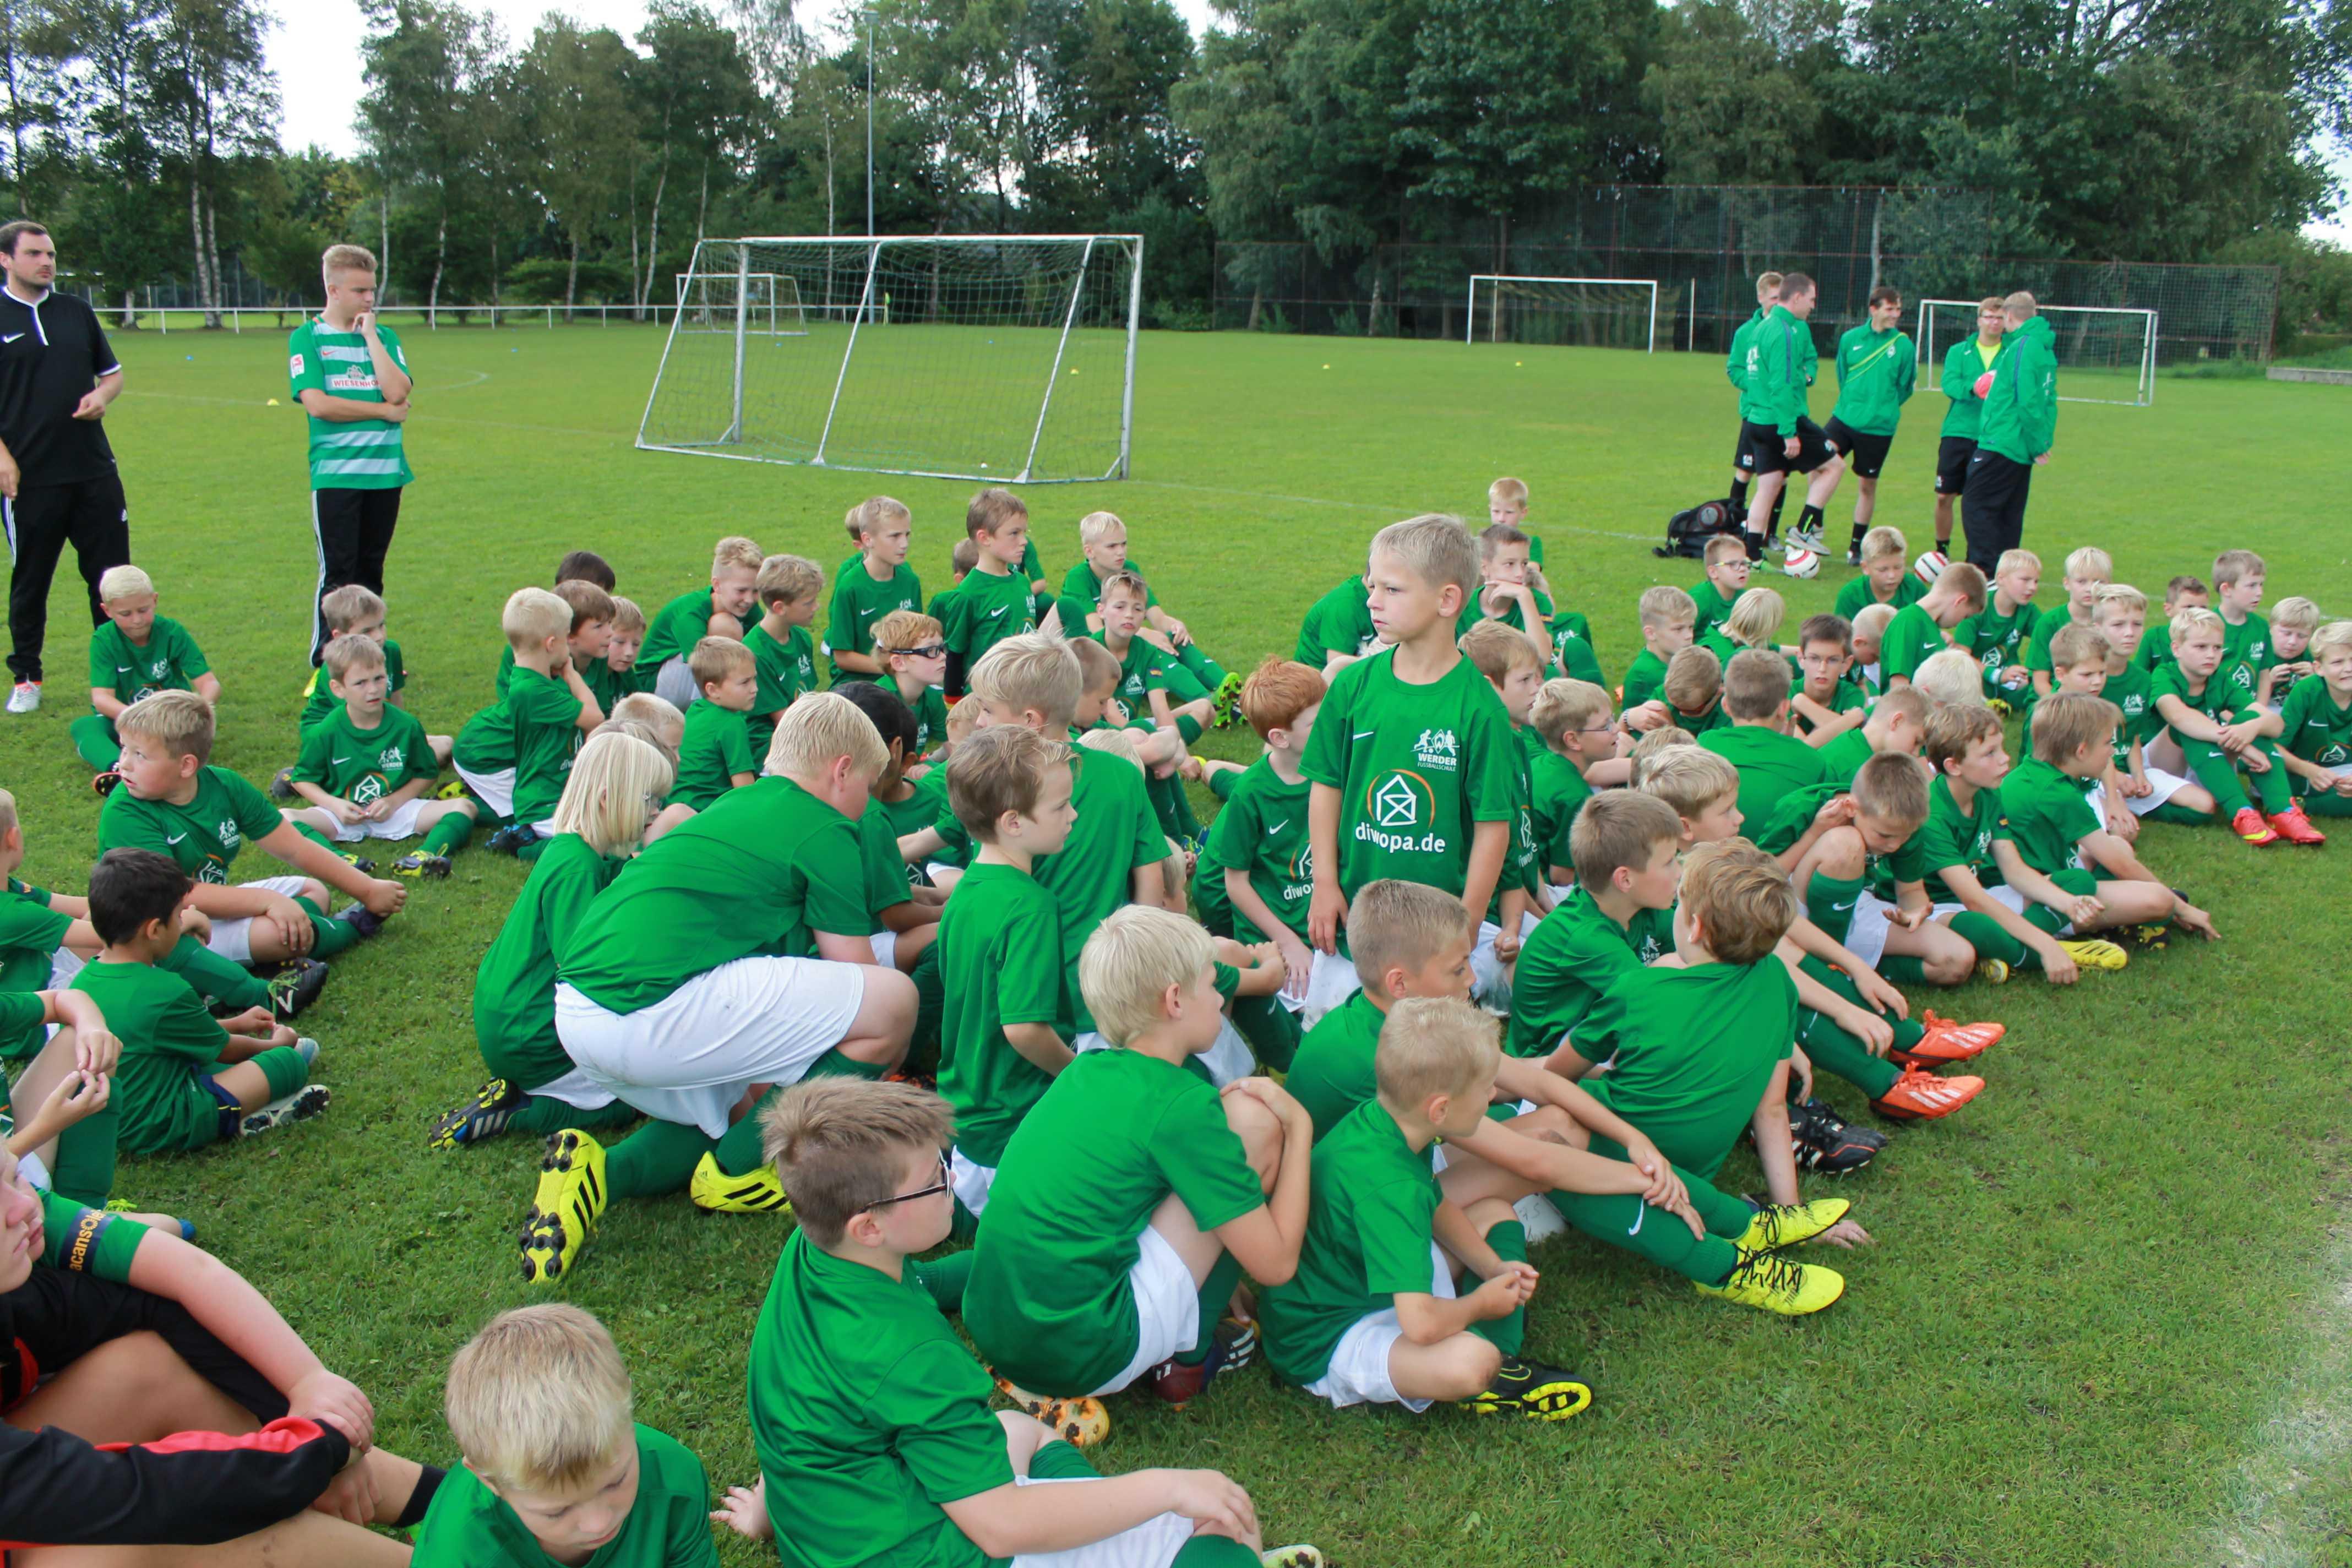 2016-08-14 Werder CAMPontour - Sonntag (14)